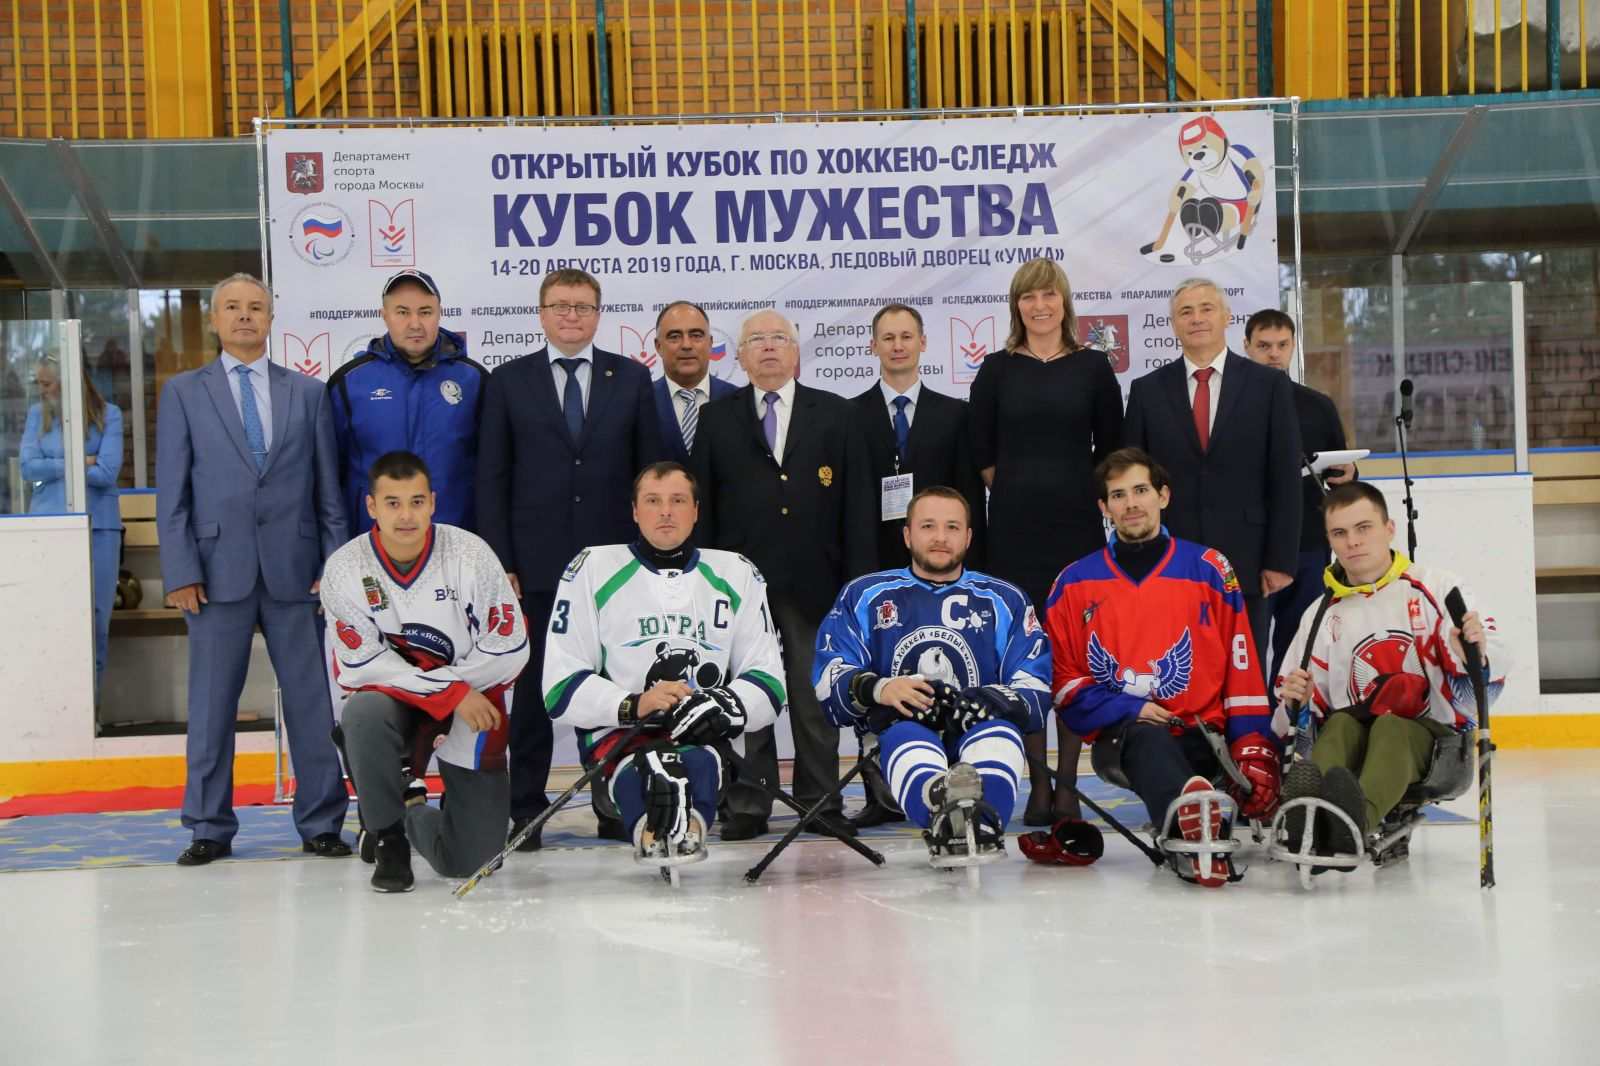 В г. Москве в Ледовом дворце «Умка» стартовал Открытый Кубок по хоккею-следж «Кубок Мужества»